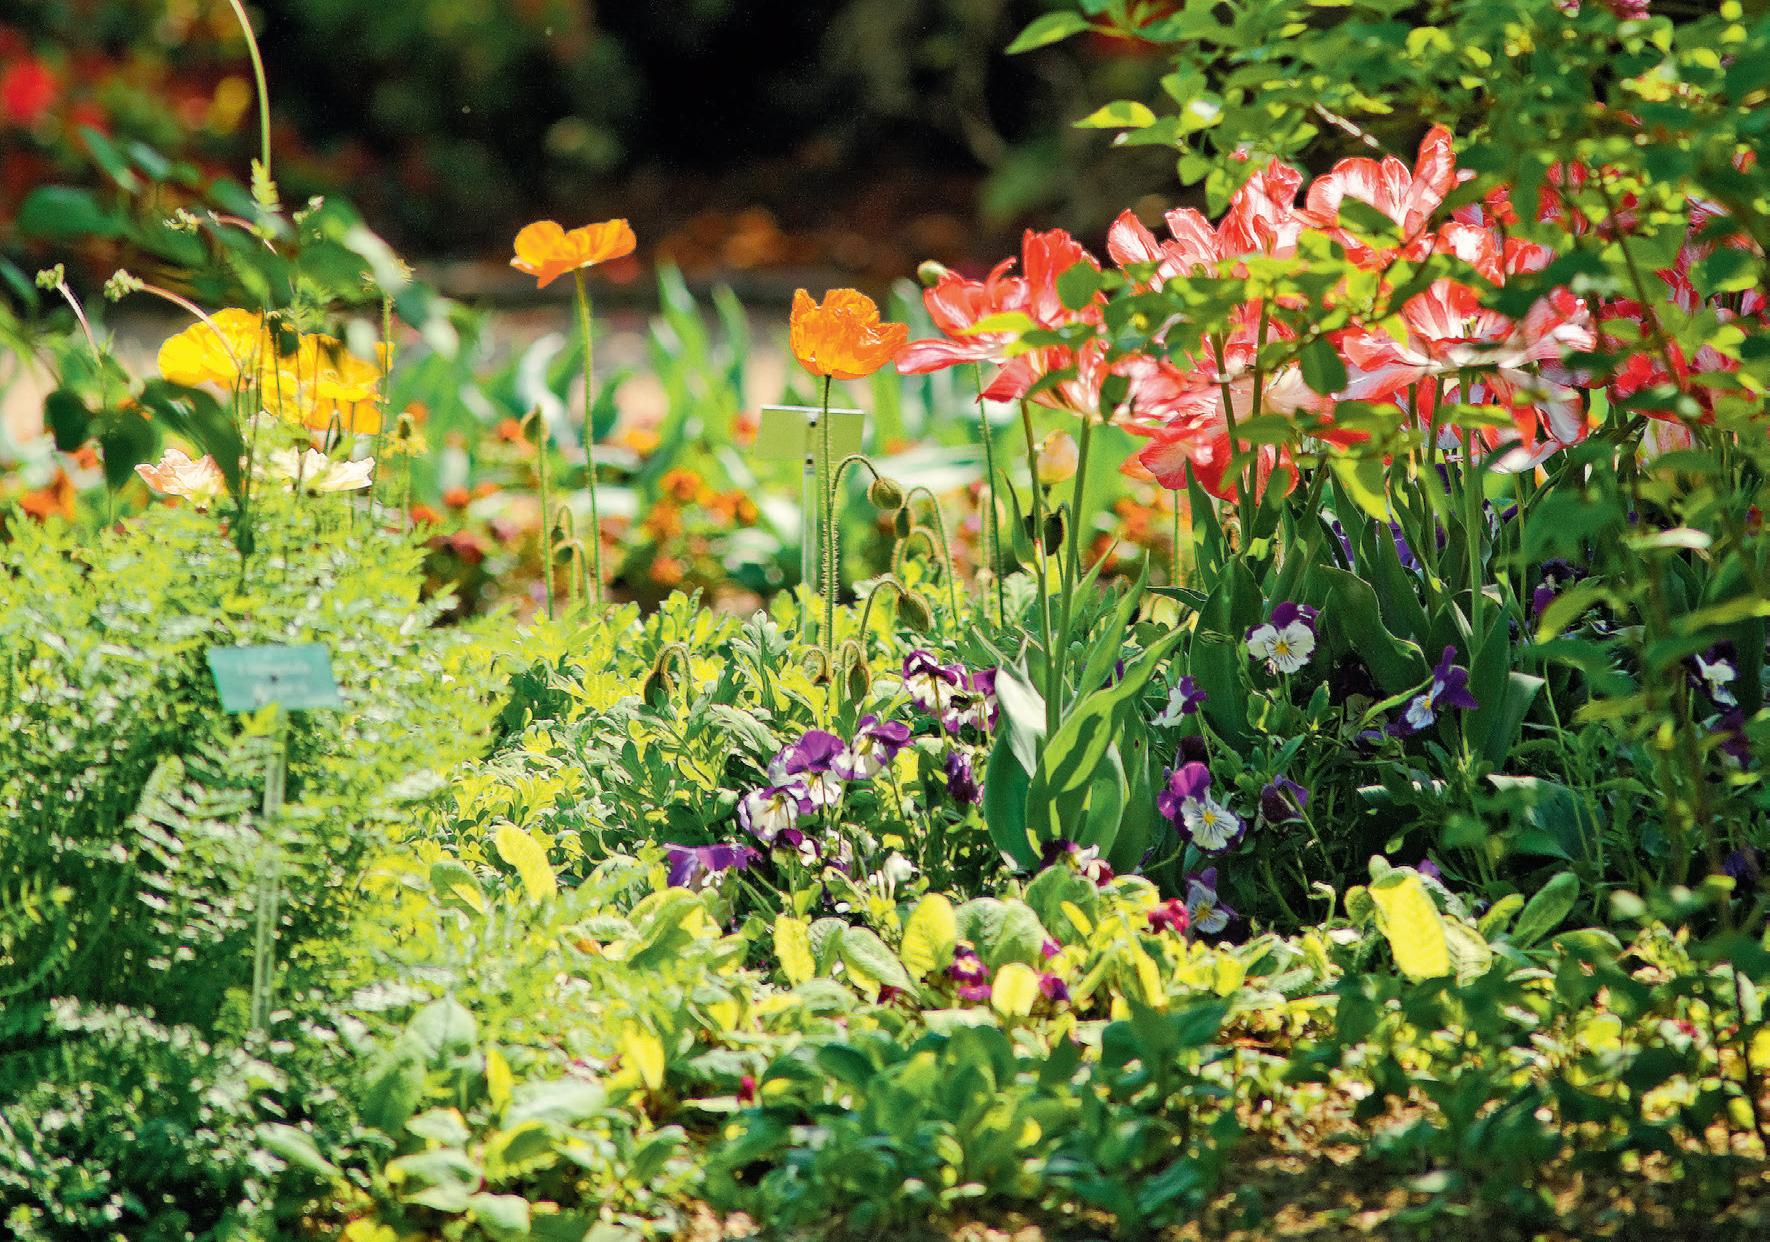 ÉDITO – En pleine germination